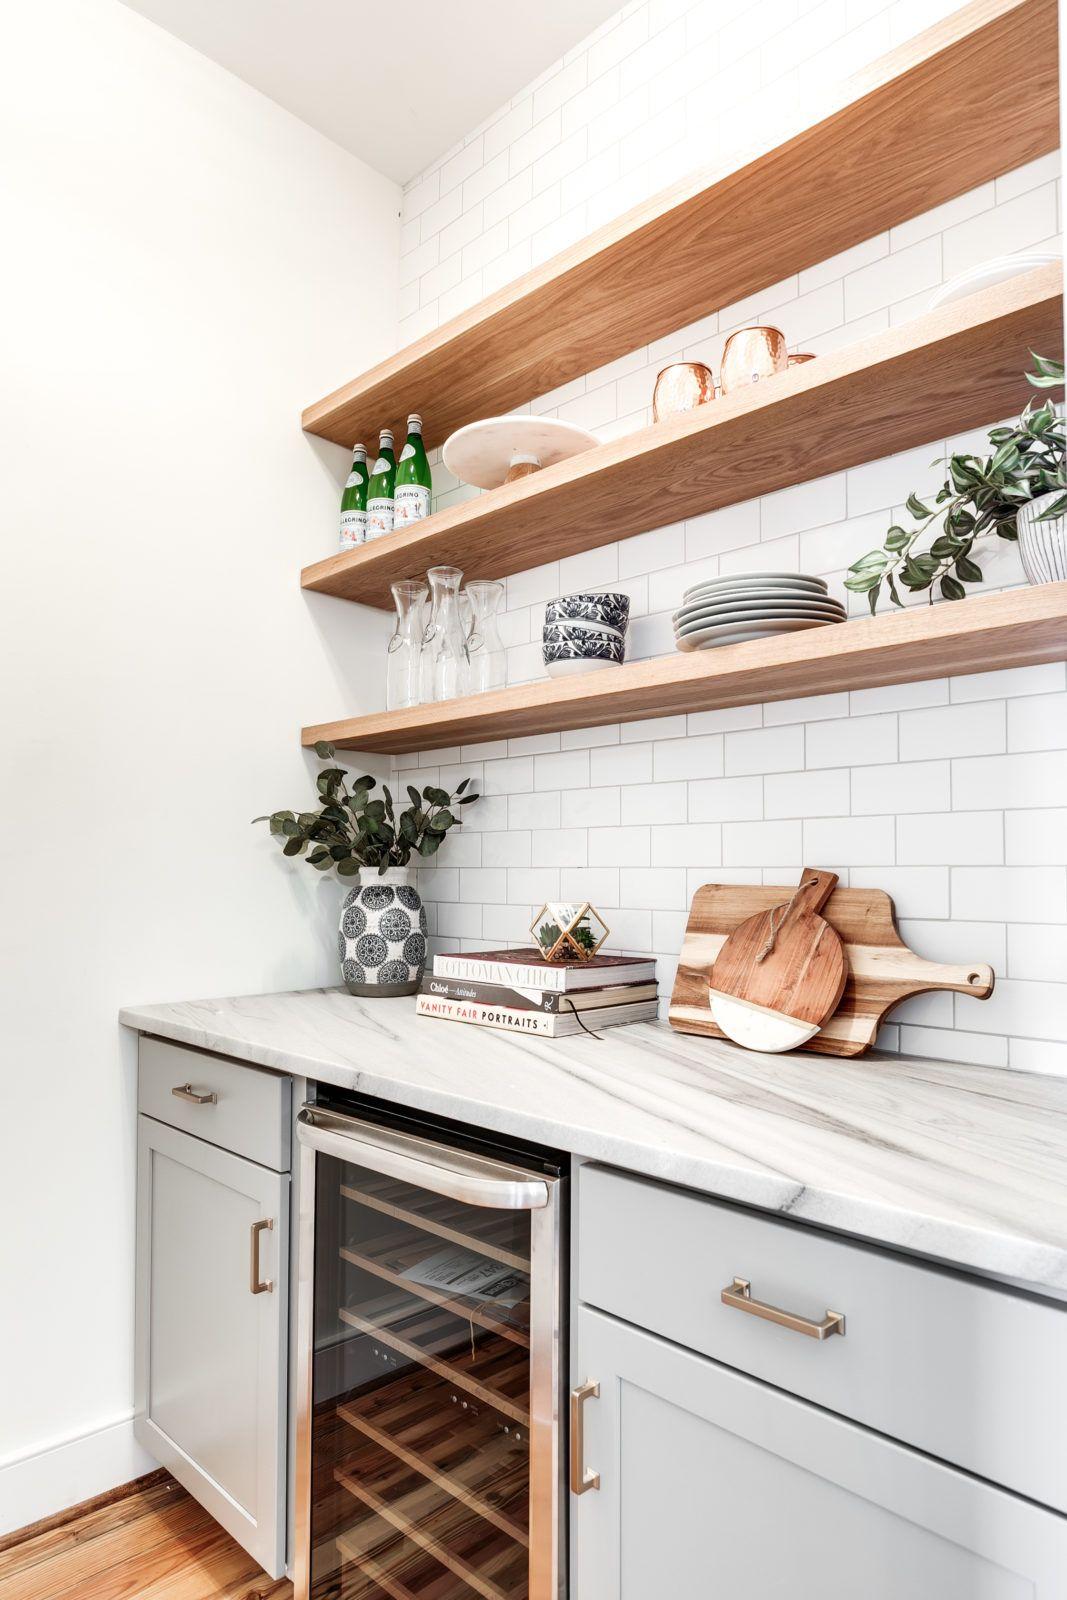 Historic Home Renovation Amandaseibert Com Kitchen Shelf Inspiration Kitchen Shelf Decor Wooden Shelves Kitchen